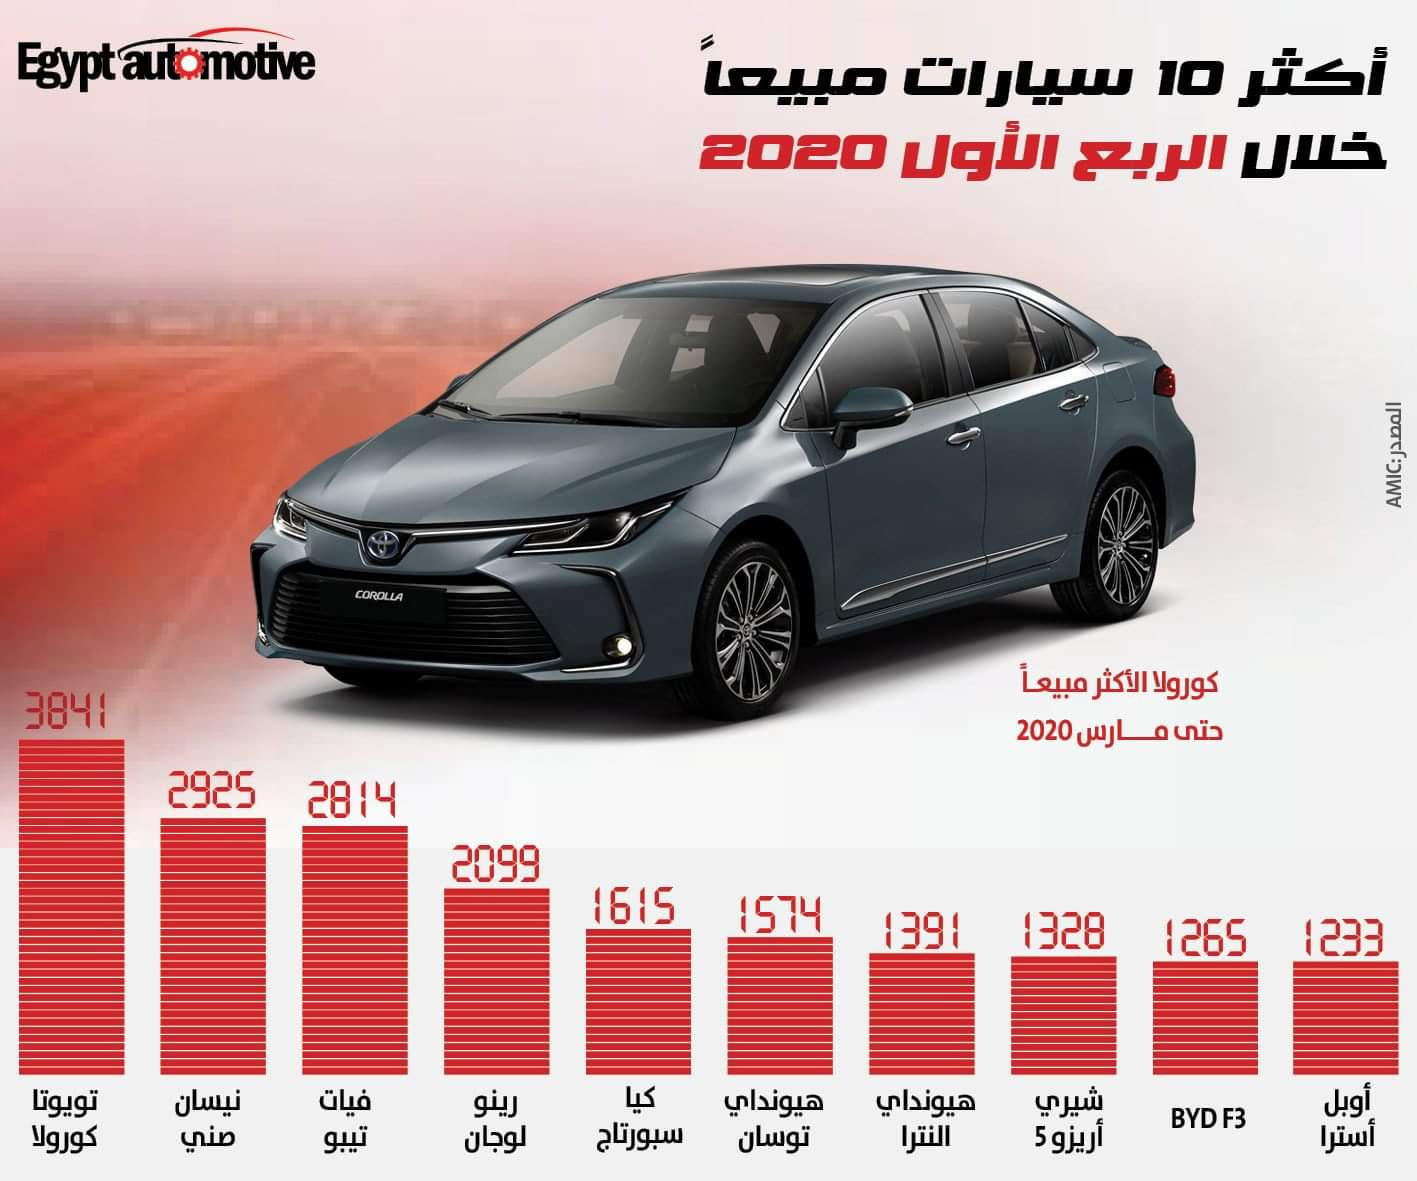 الأميك يكشف عن أكثر 10 سيارات مبيعًا خلال الربع الأول في مصر